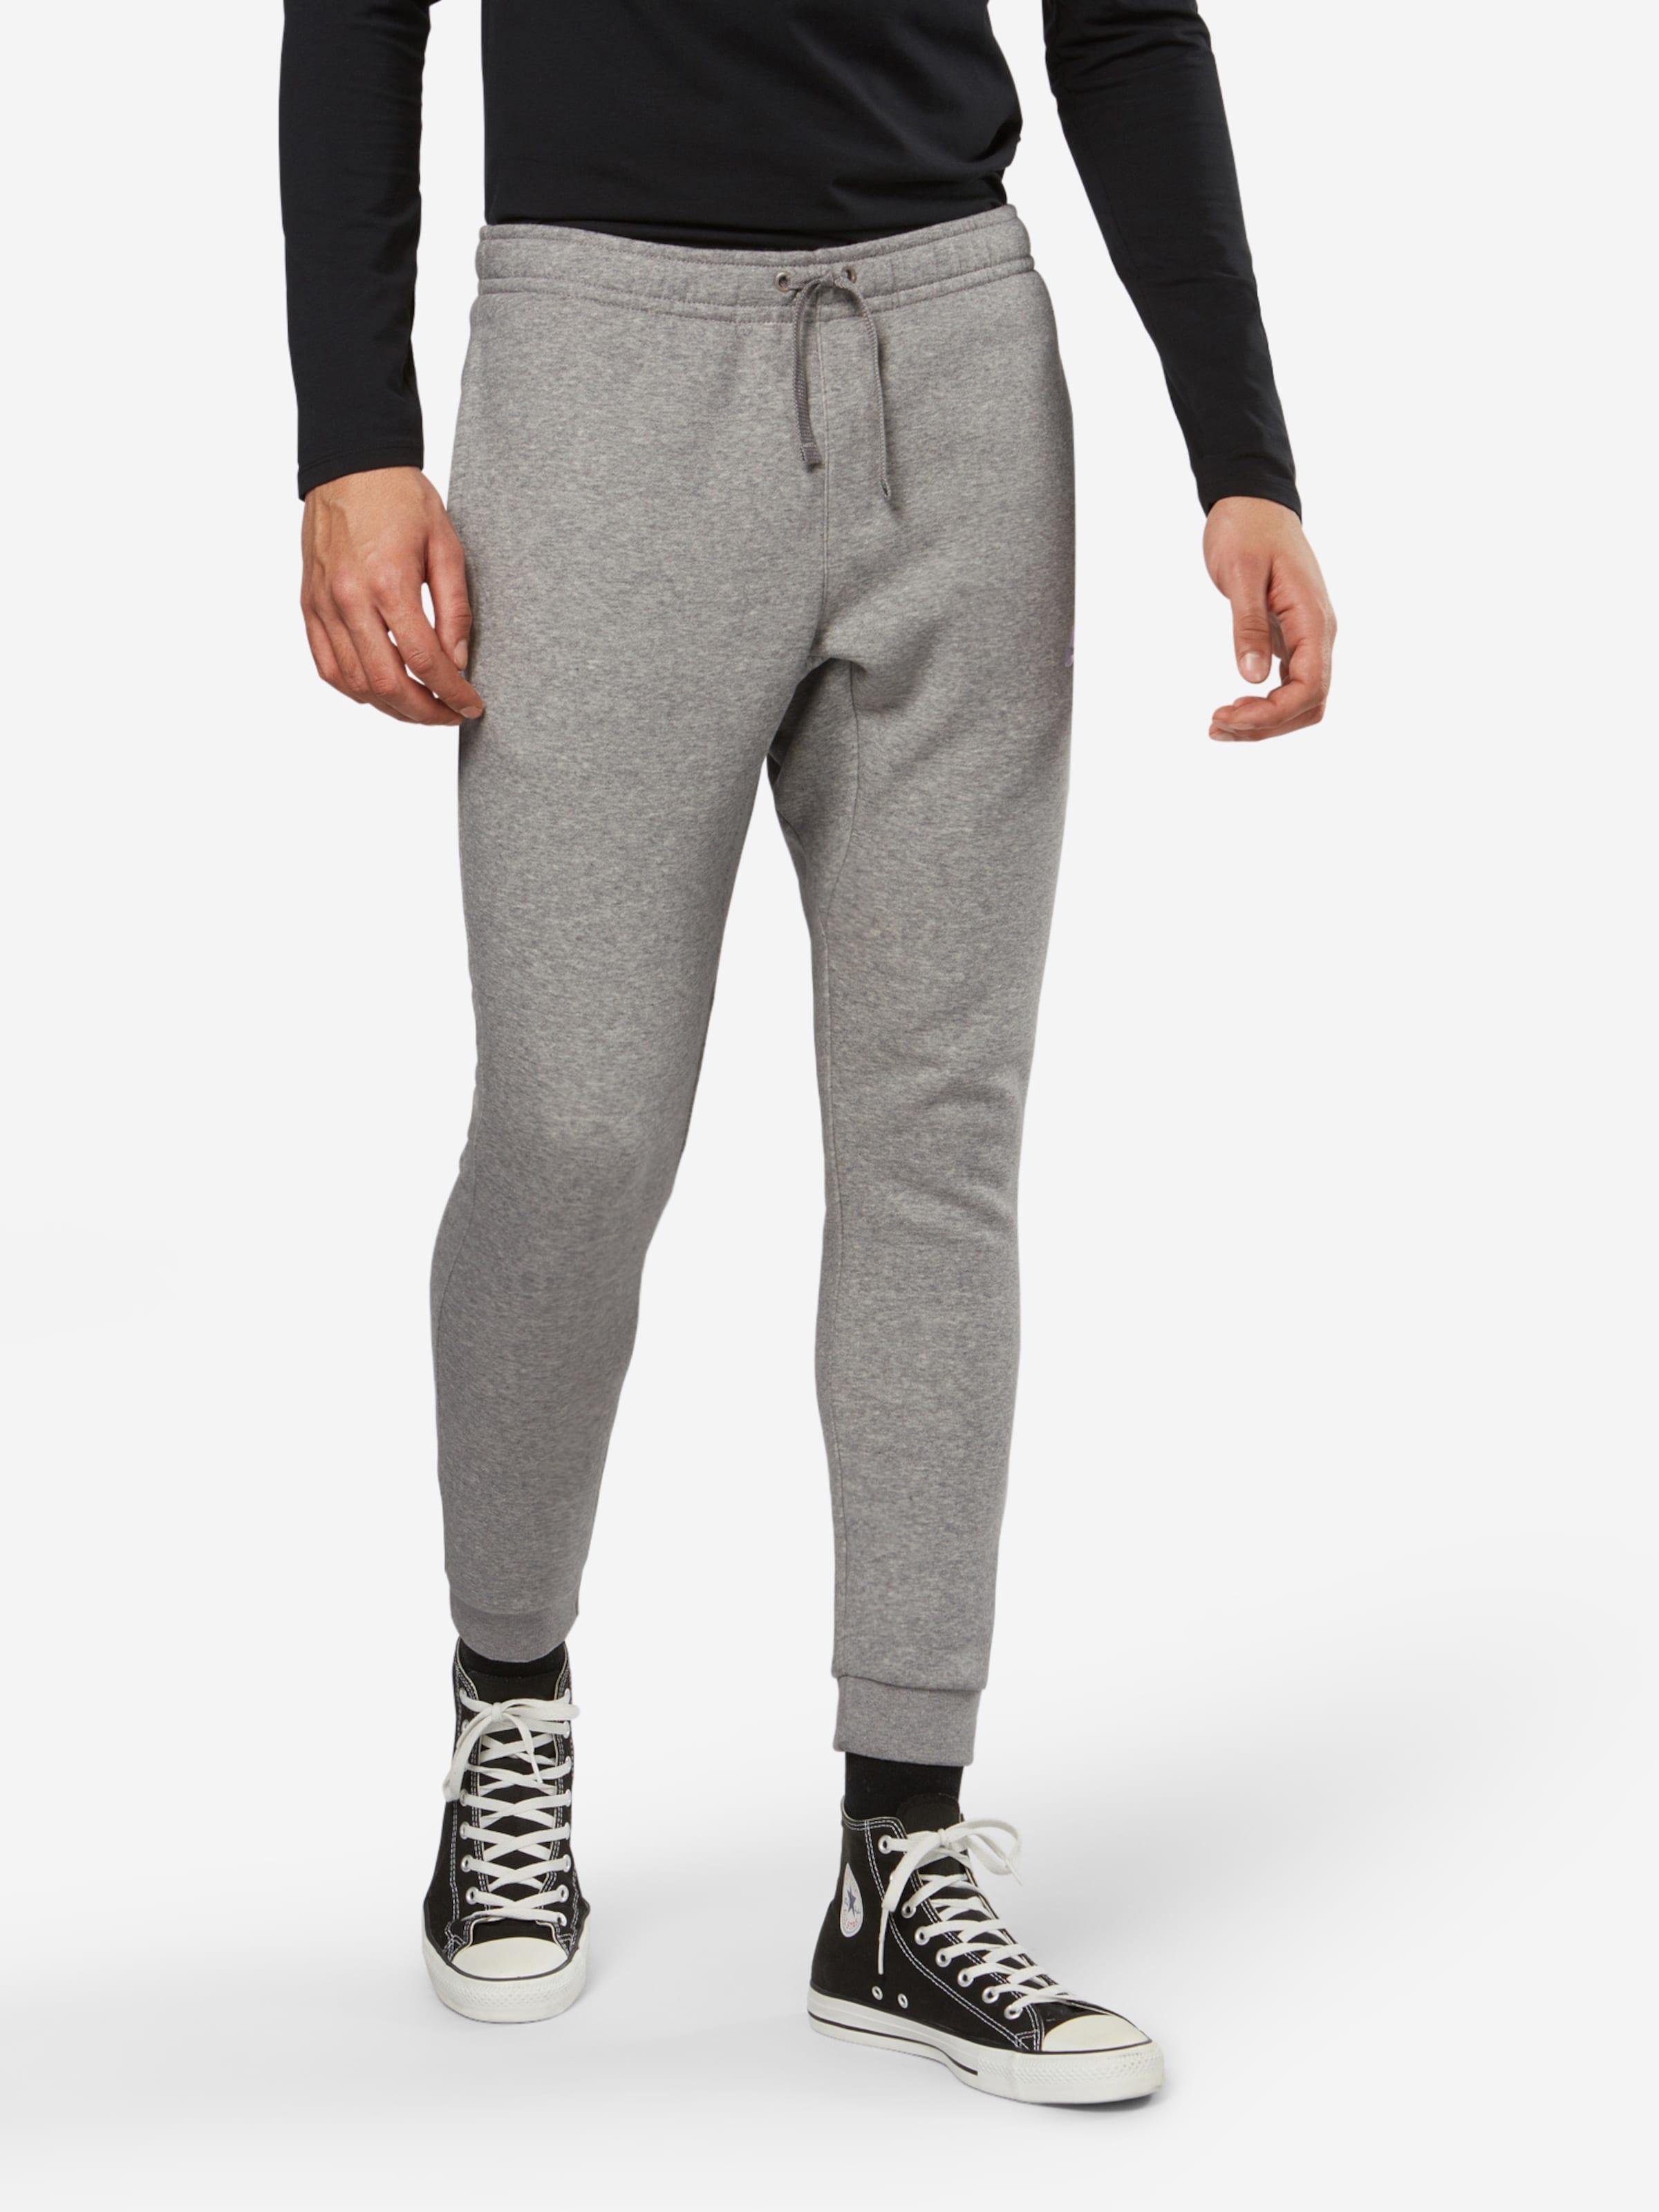 Nike Sportswear Jogginghose 'Men's Nike Sportswear' Billige Neueste GttgeeW4